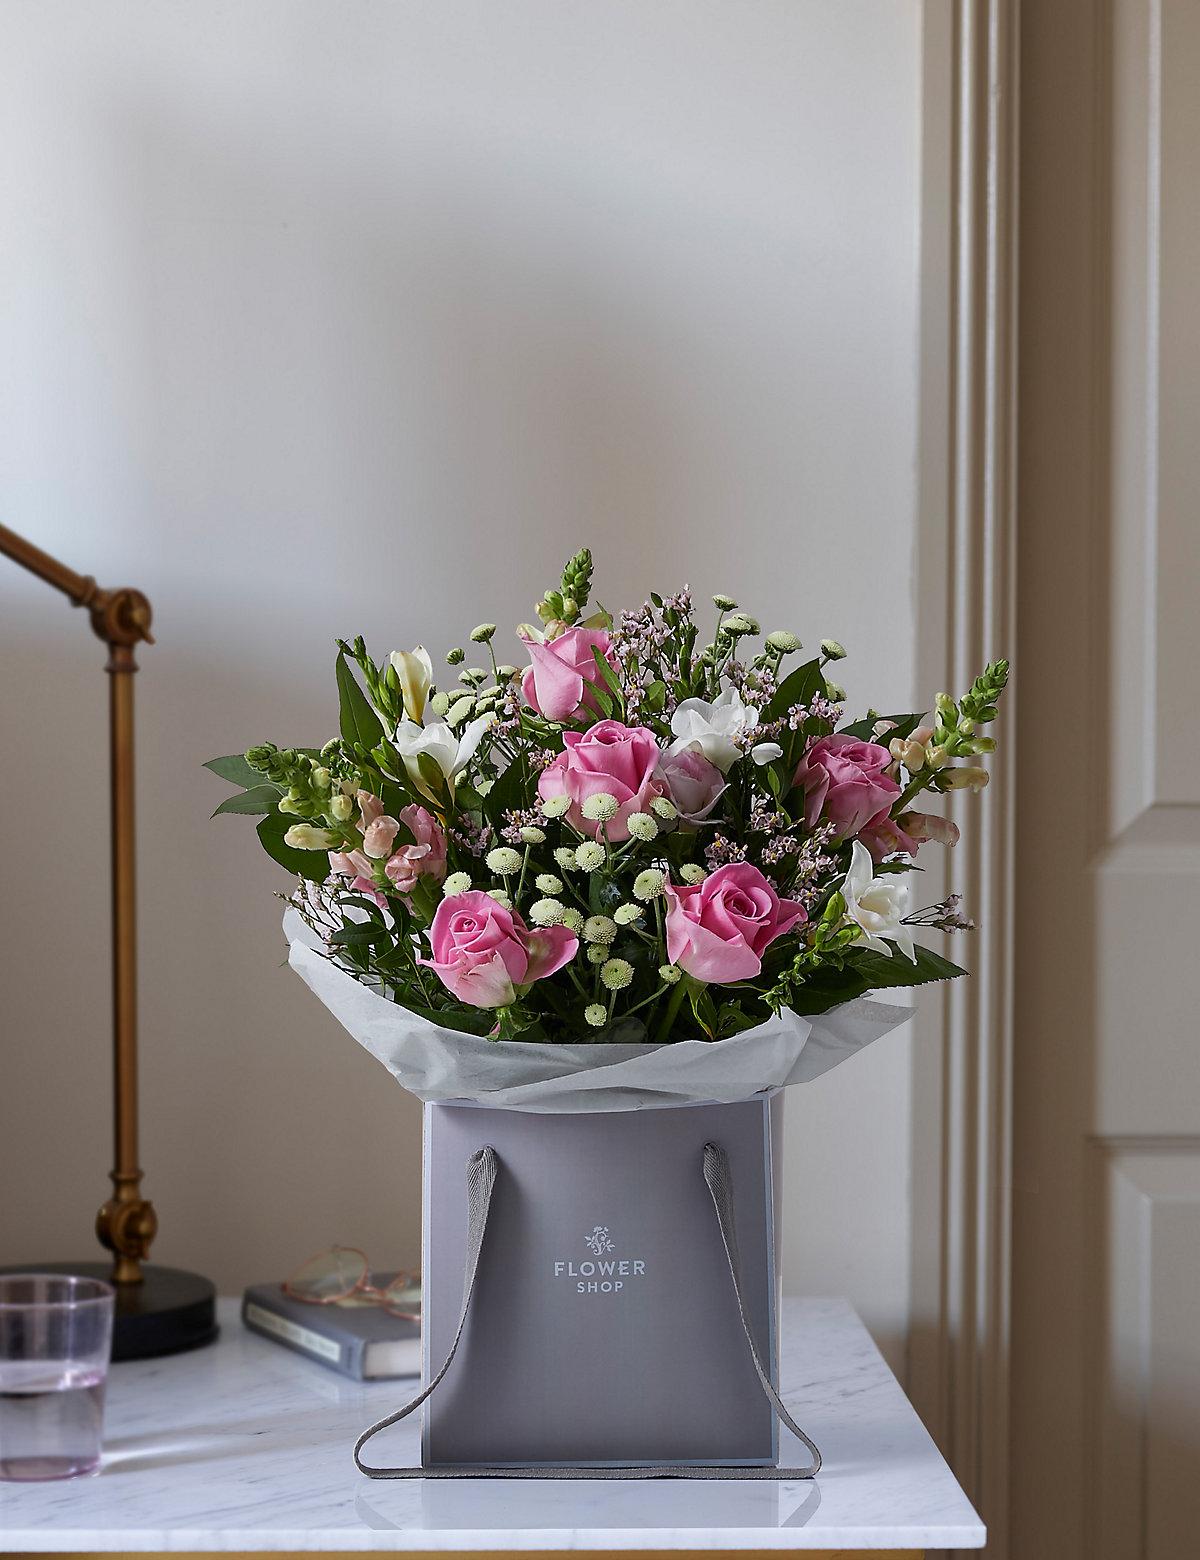 Rose & Freesia Gift Bag